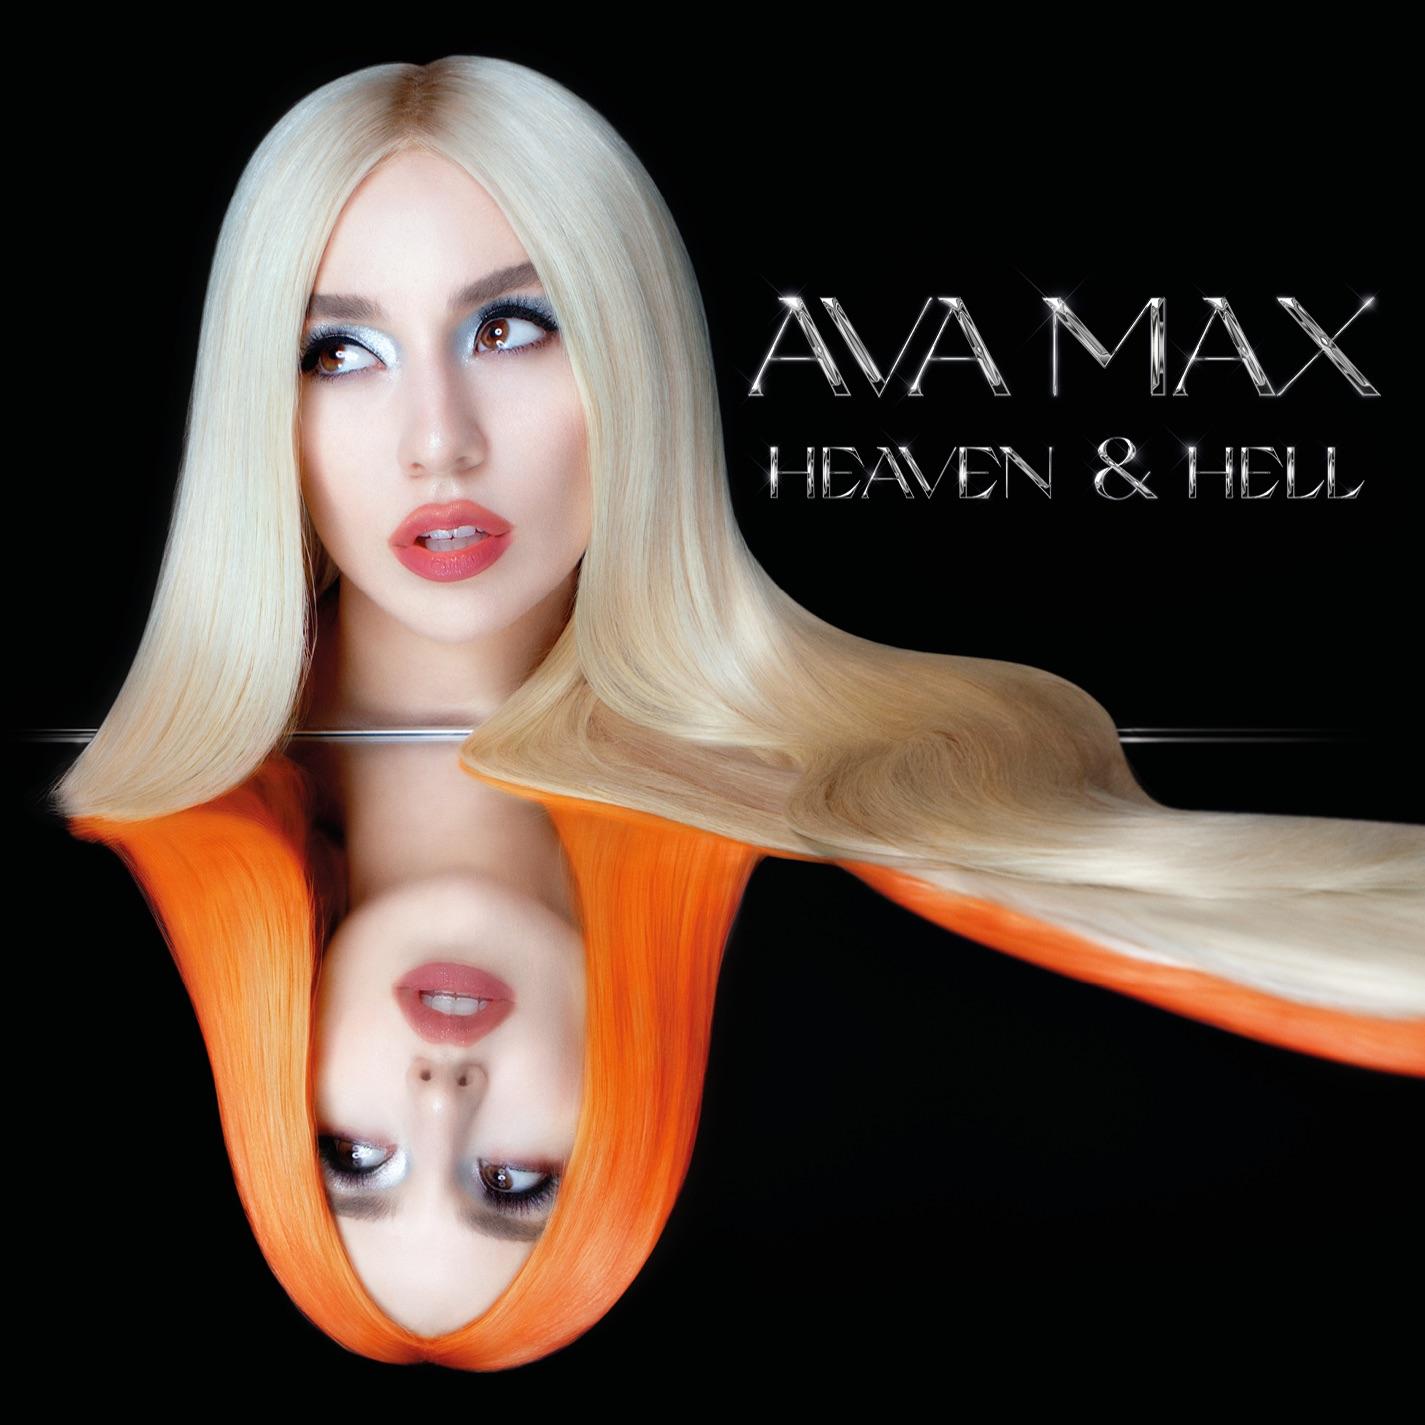 15 Ava Max – Heaven & Hell